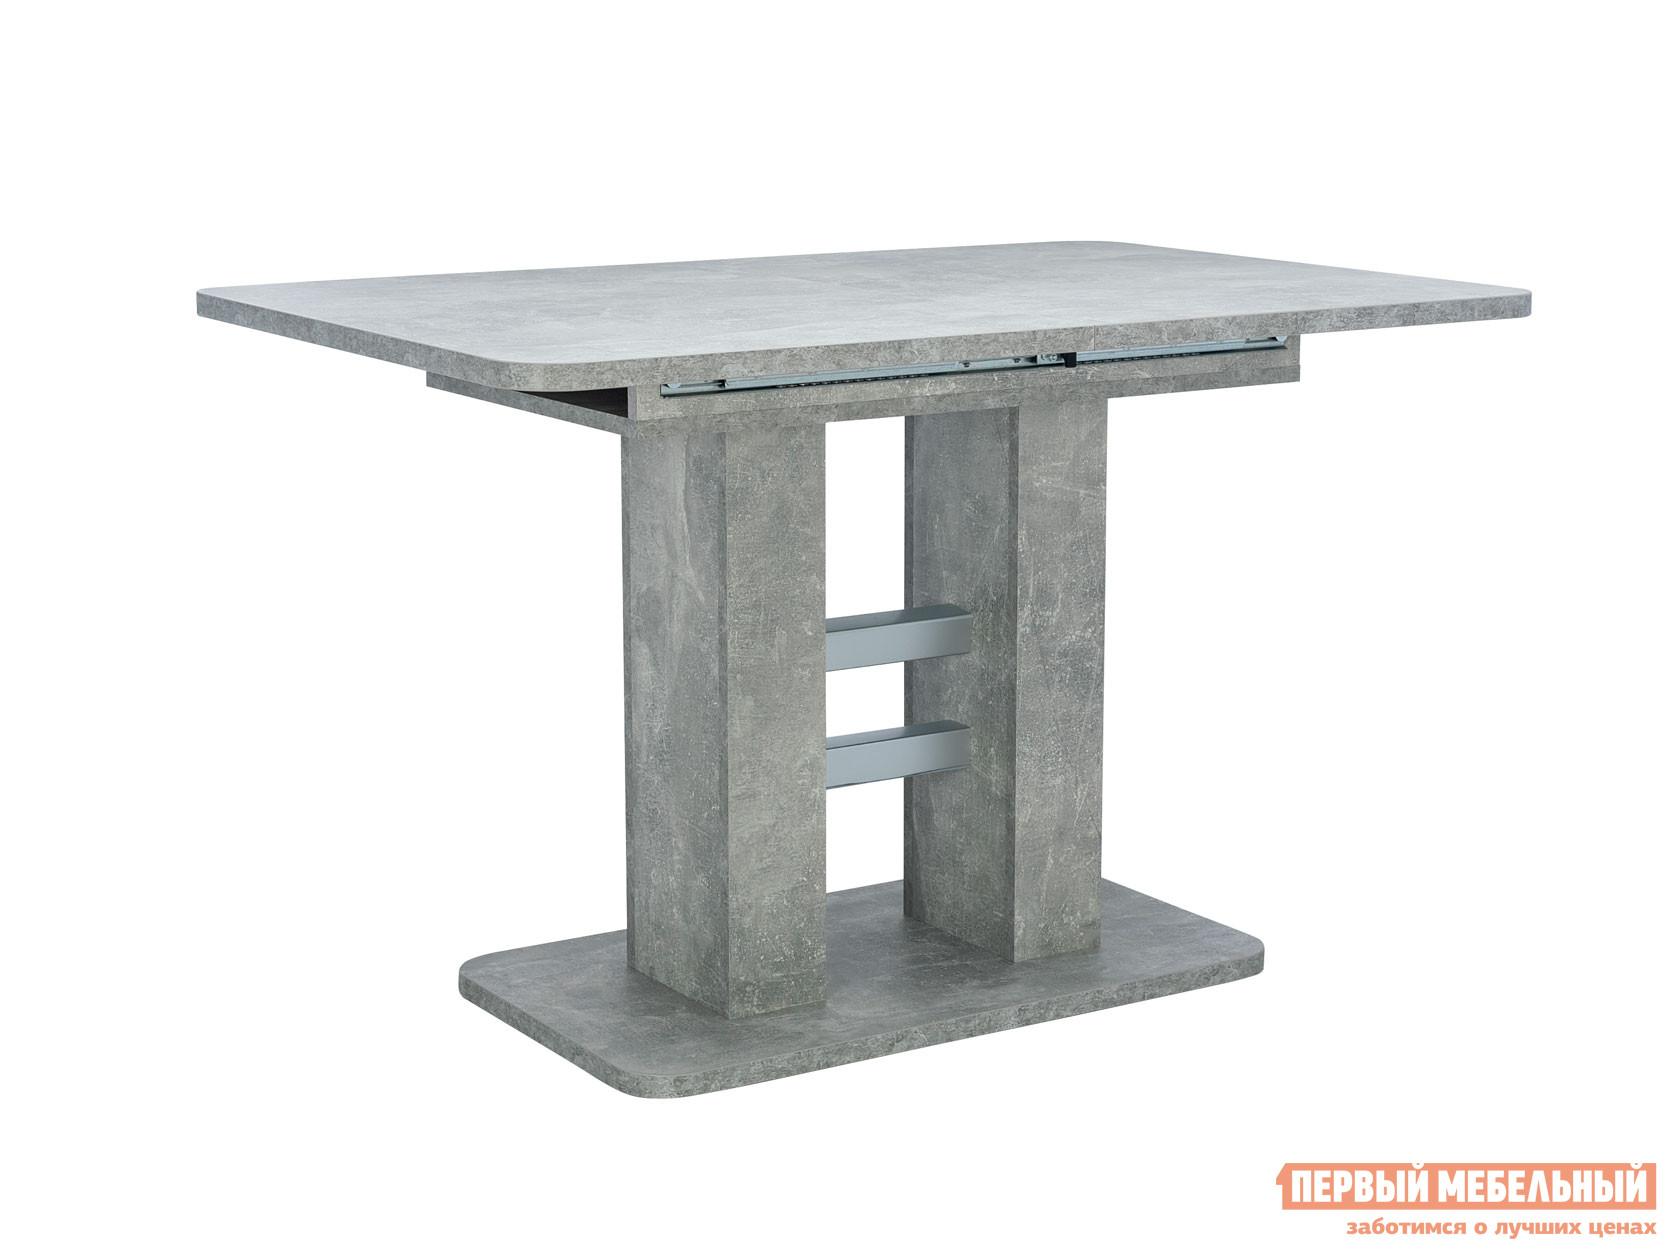 Кухонный стол Мебель Импэкс Стол раздвижной Leset Гранд недорого